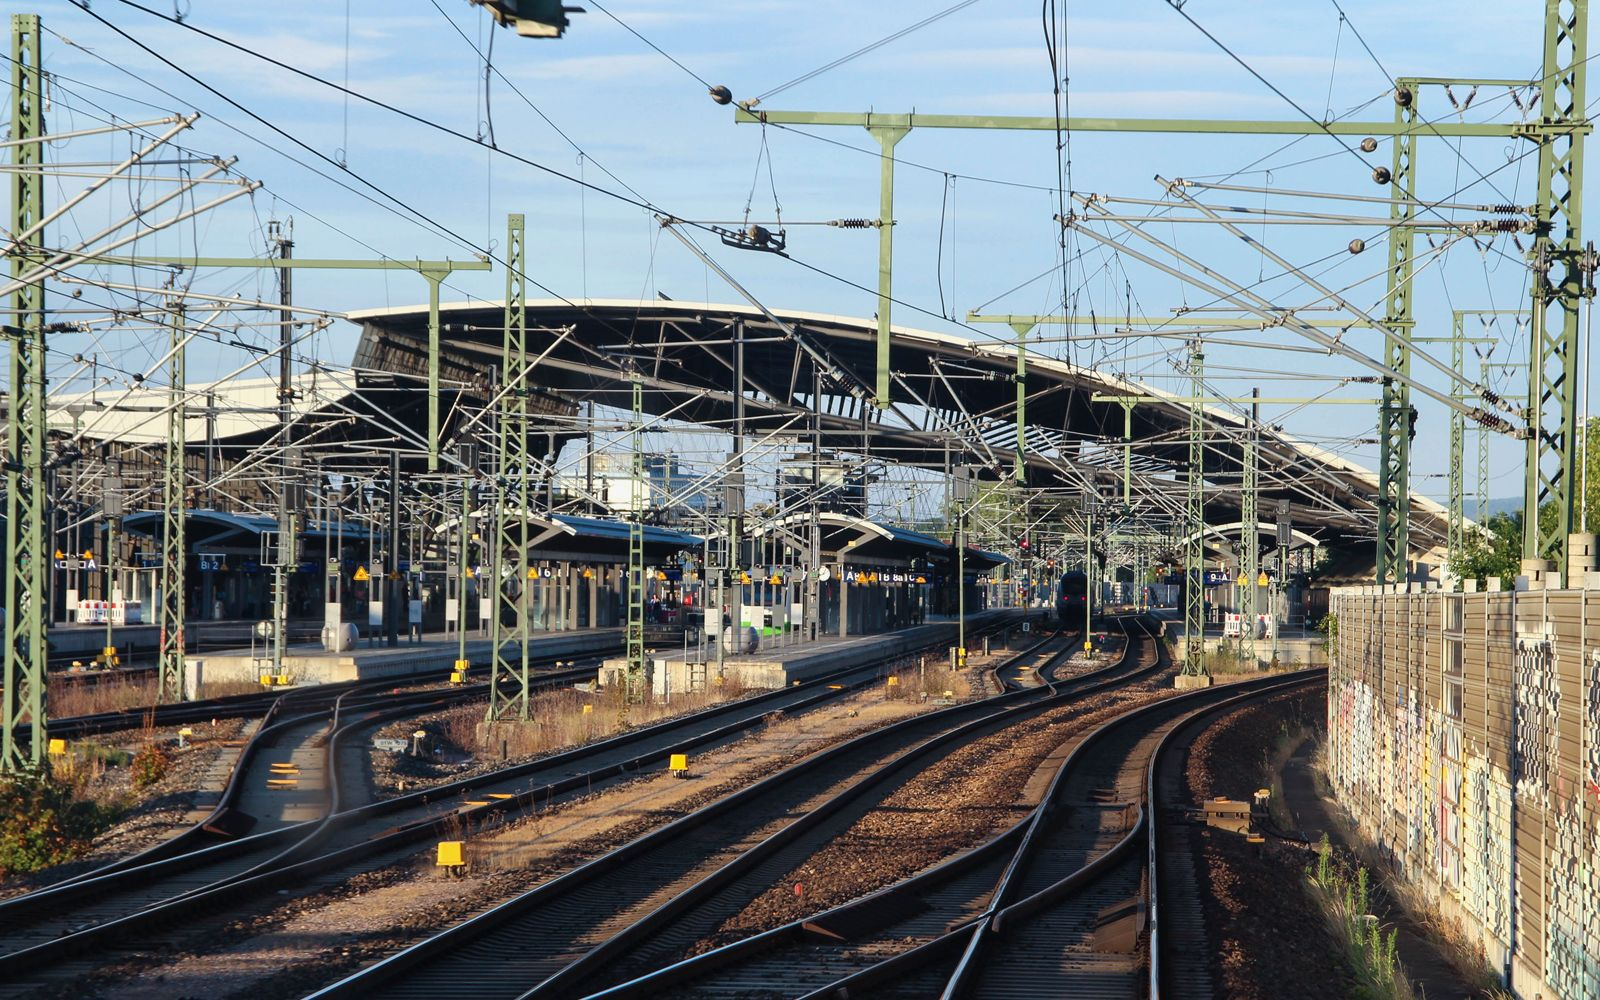 ©Foto: Denis Herwig | railmen | Lokführer im Dienst für InfraLeuna | Einfahrt in den Bahnhof Erfurt